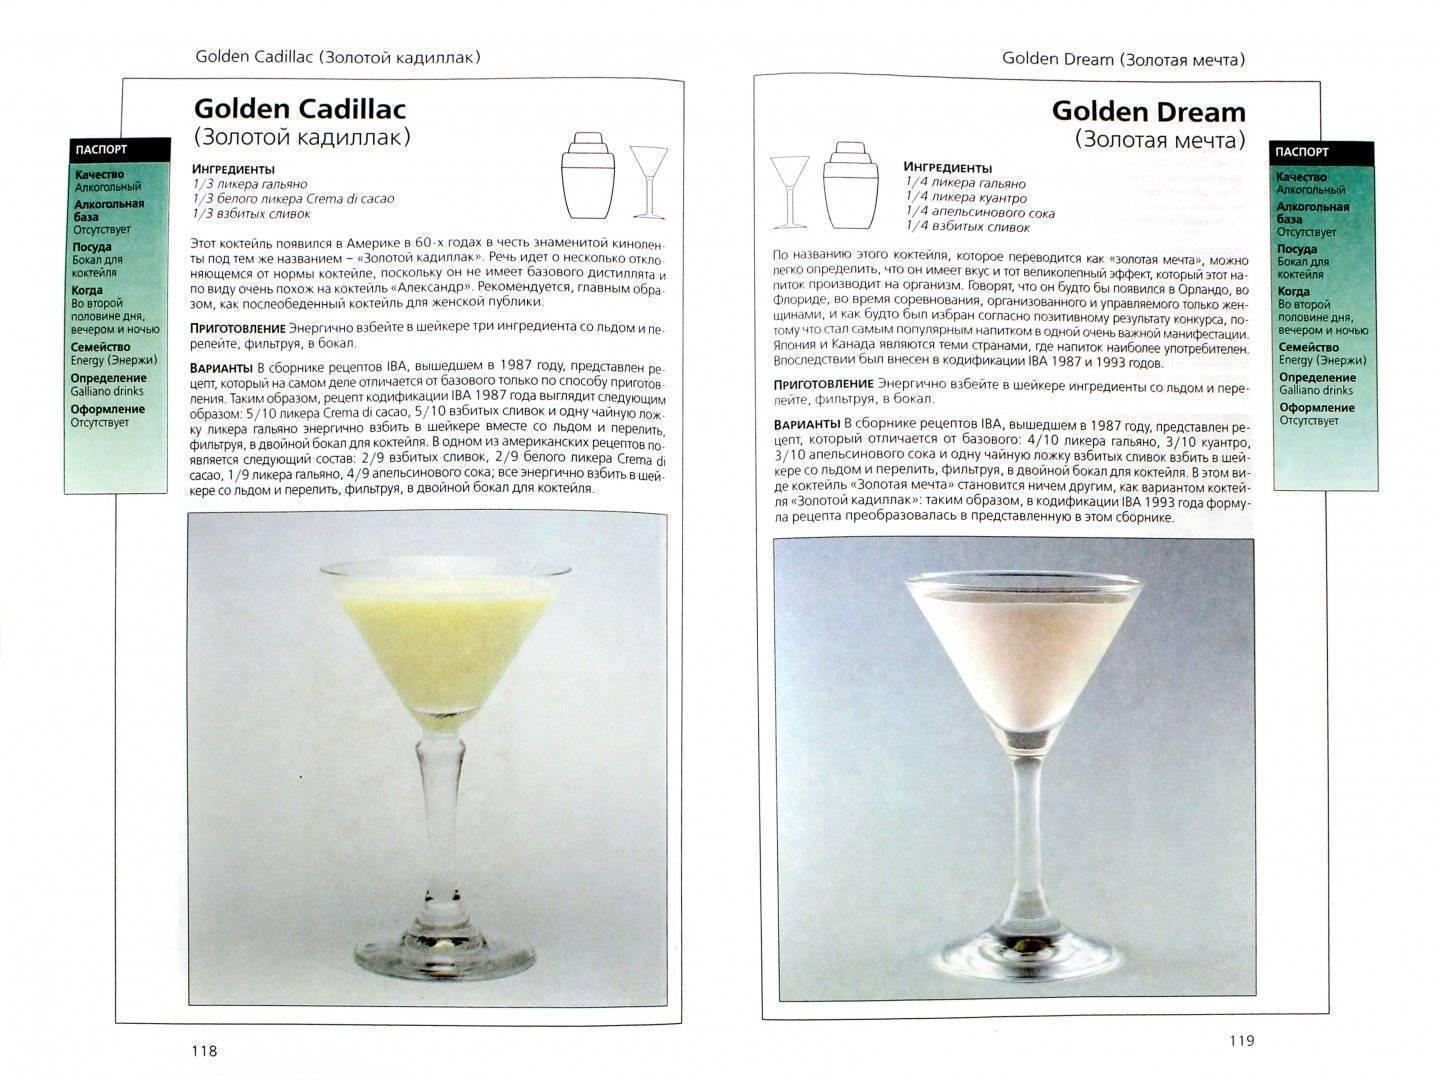 Как приготовить этот тропический алкогольный коктейль май-тай, популярные рецепты напитка, секреты от барменов